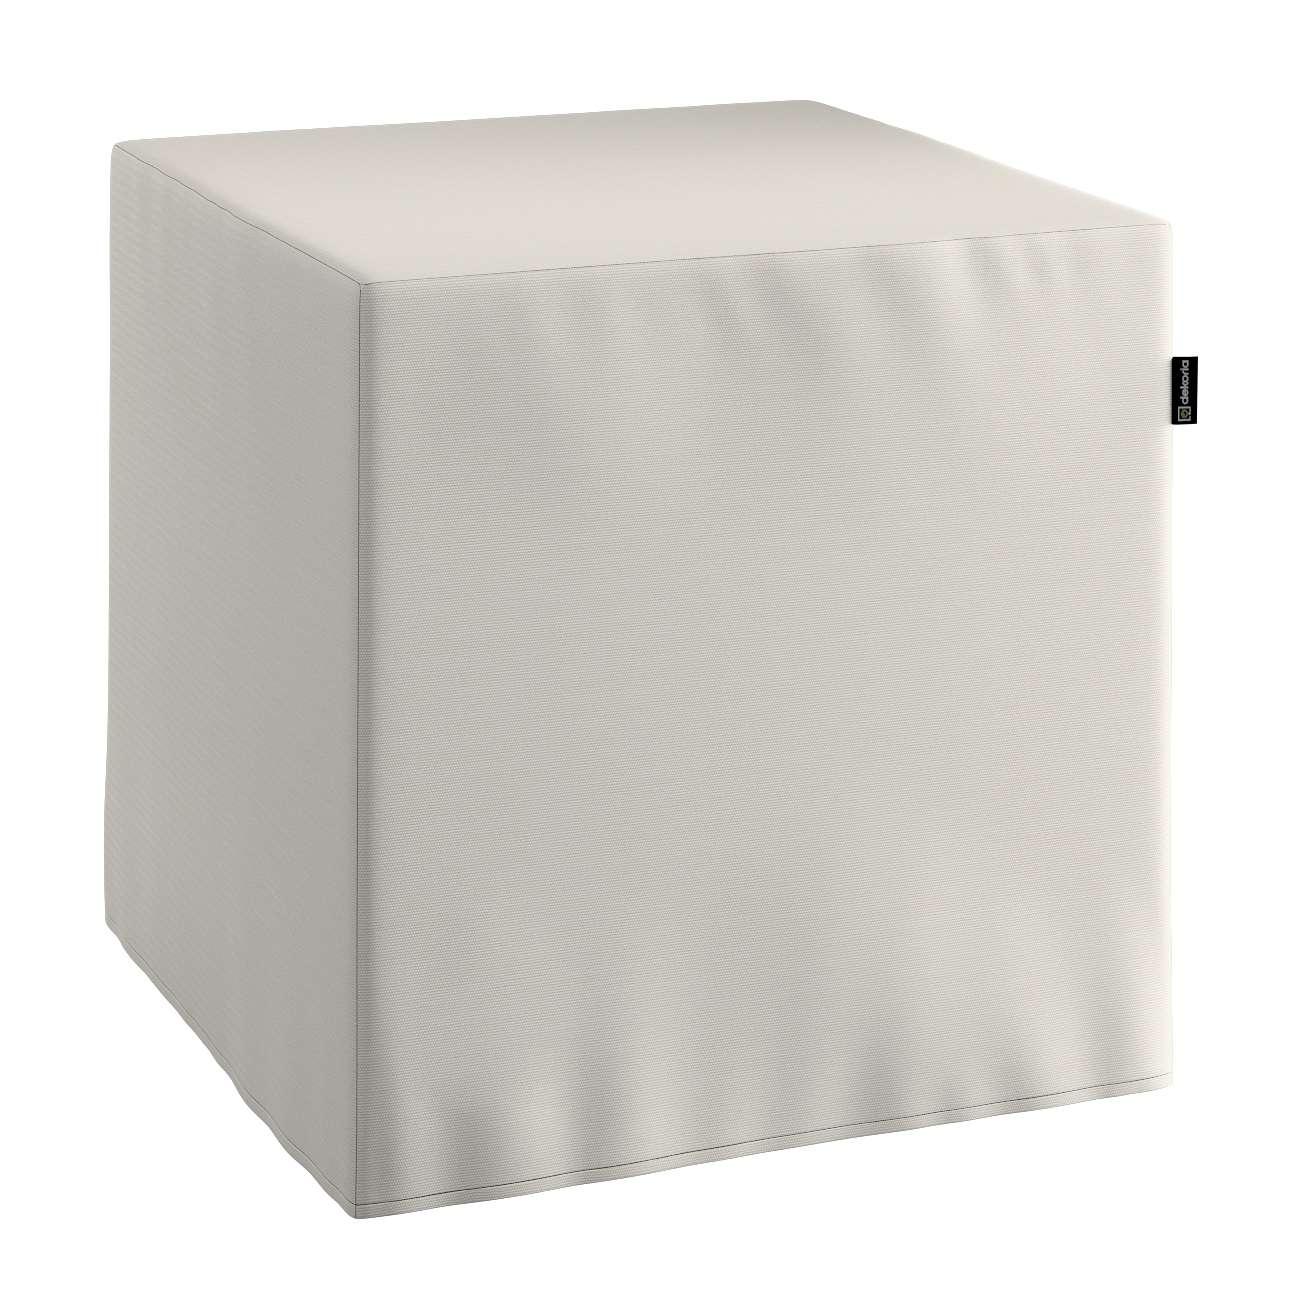 Sedák Cube - kostka pevná 40x40x40 v kolekci Cotton Panama, látka: 702-31